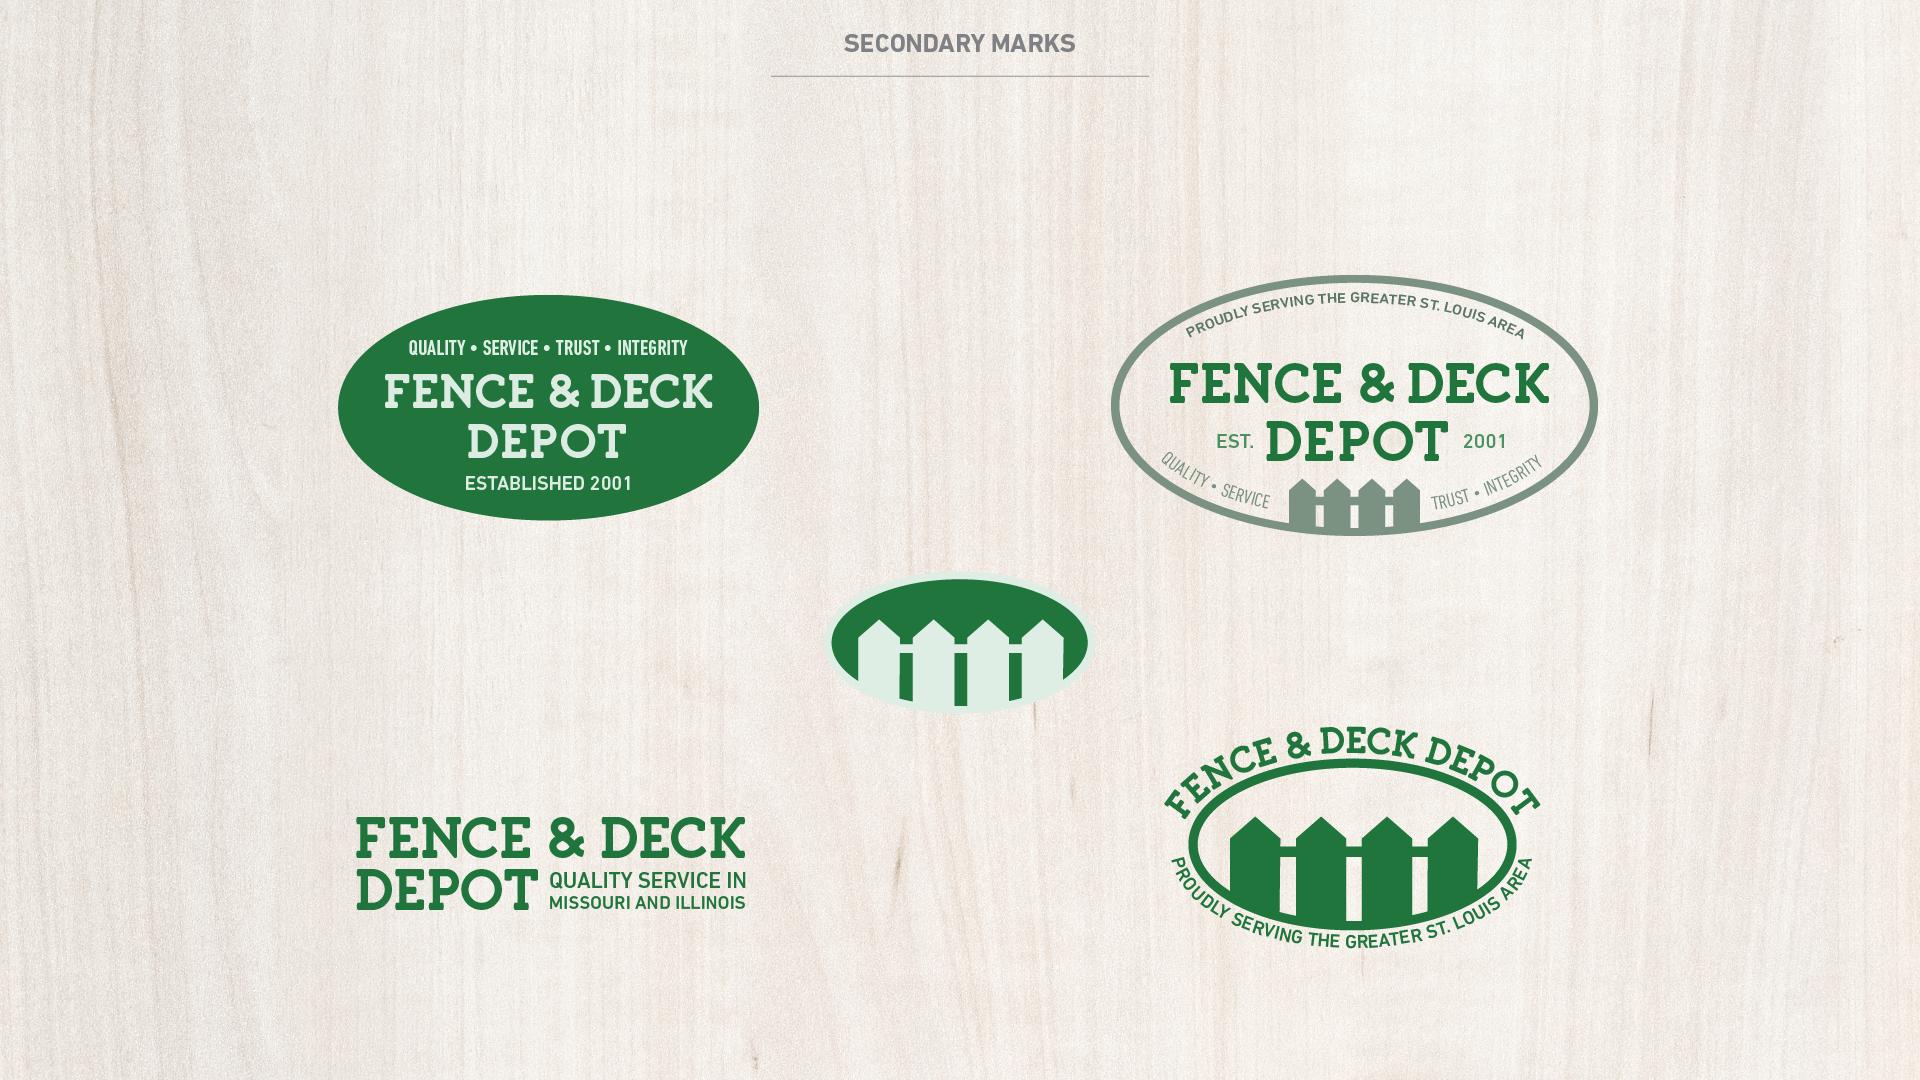 FenceDeckArtboard 3.png